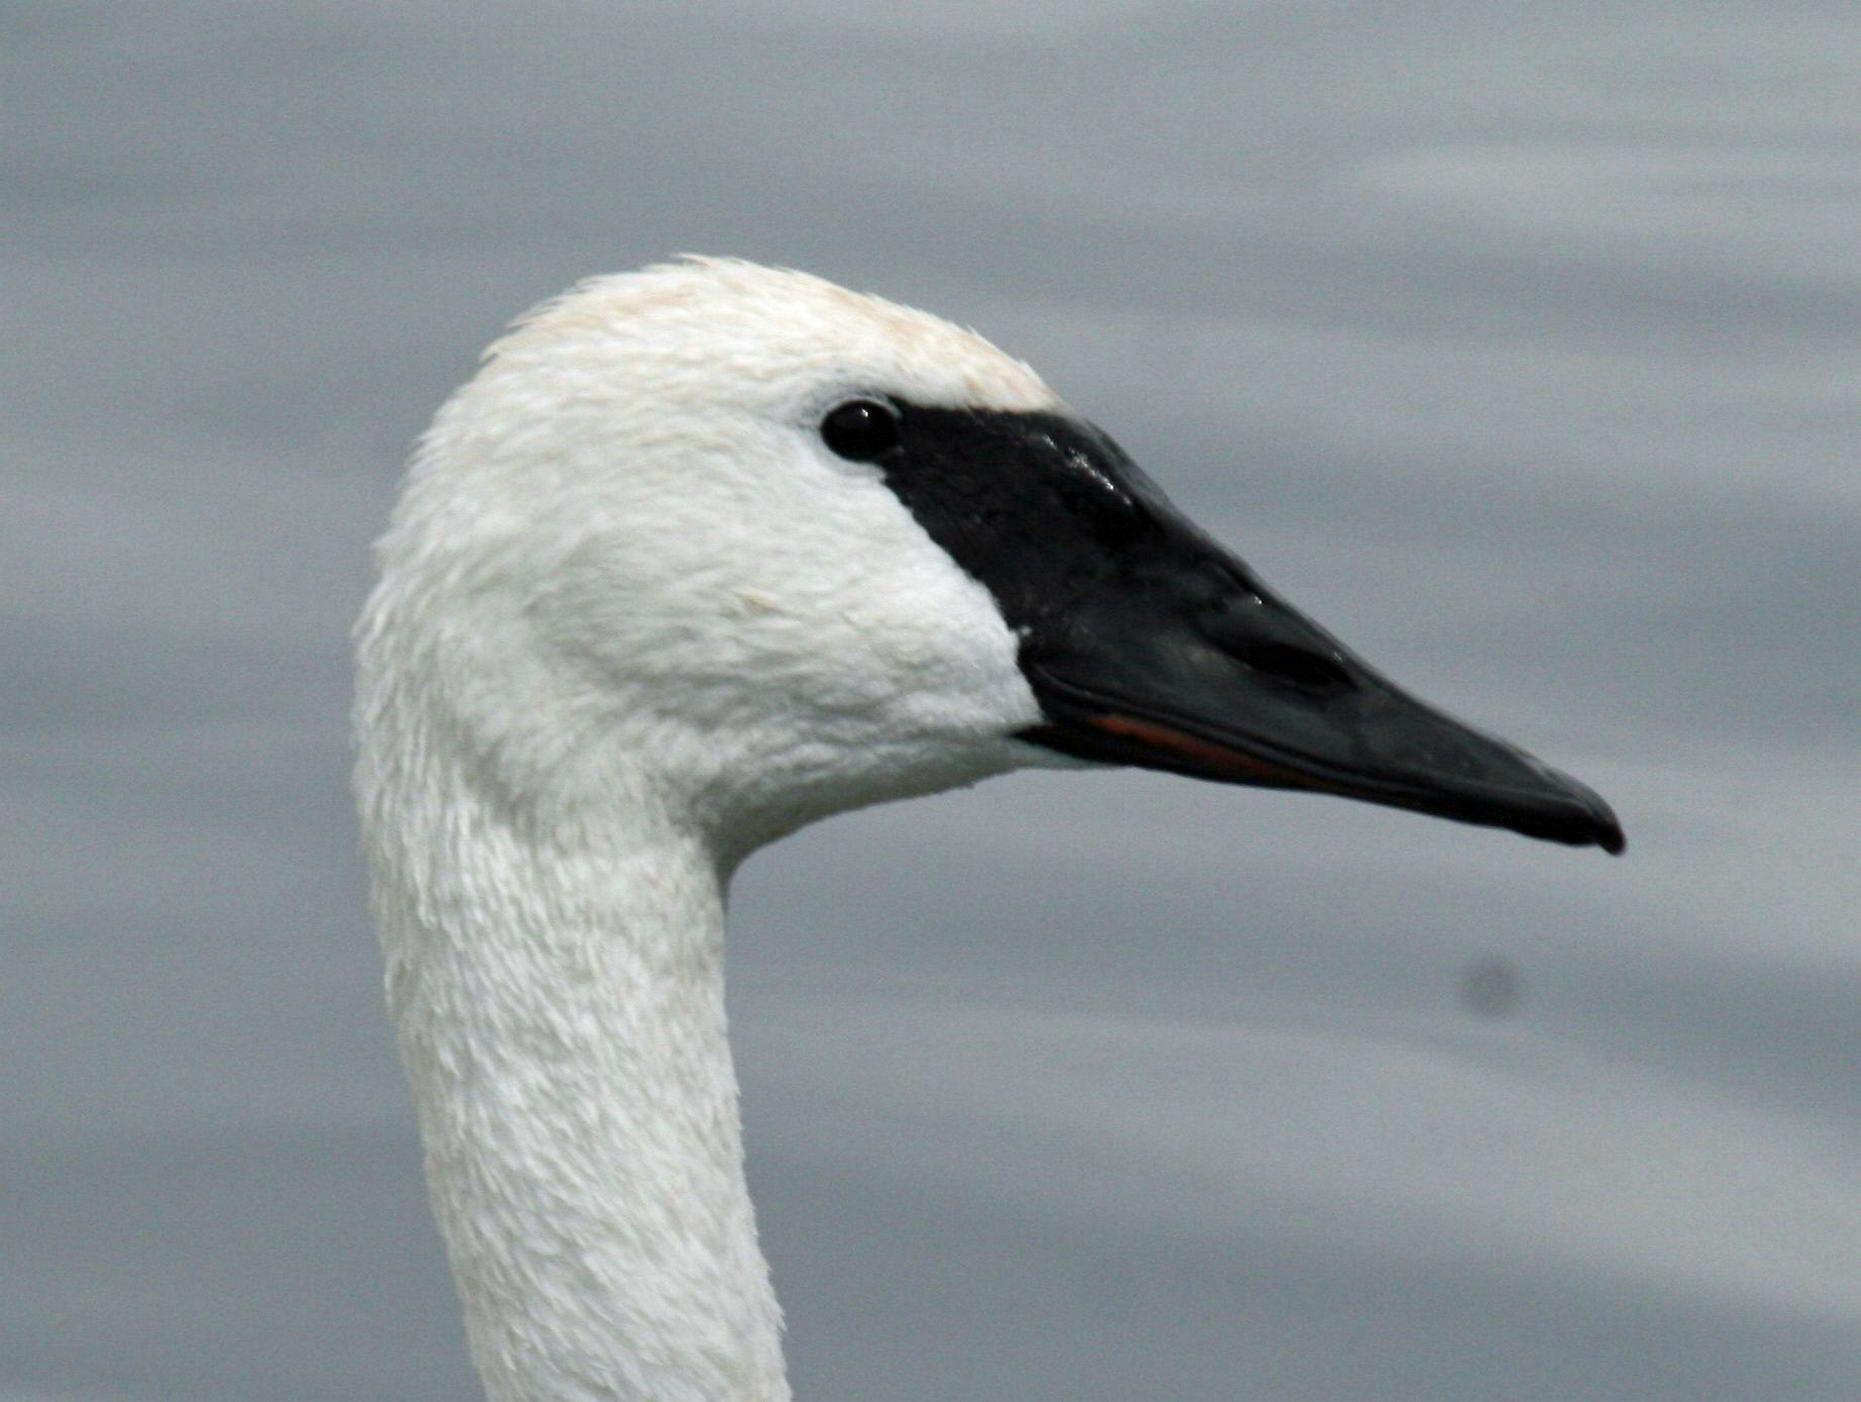 был приветливым, голова лебедя фото латентный алкоголизм собирательный